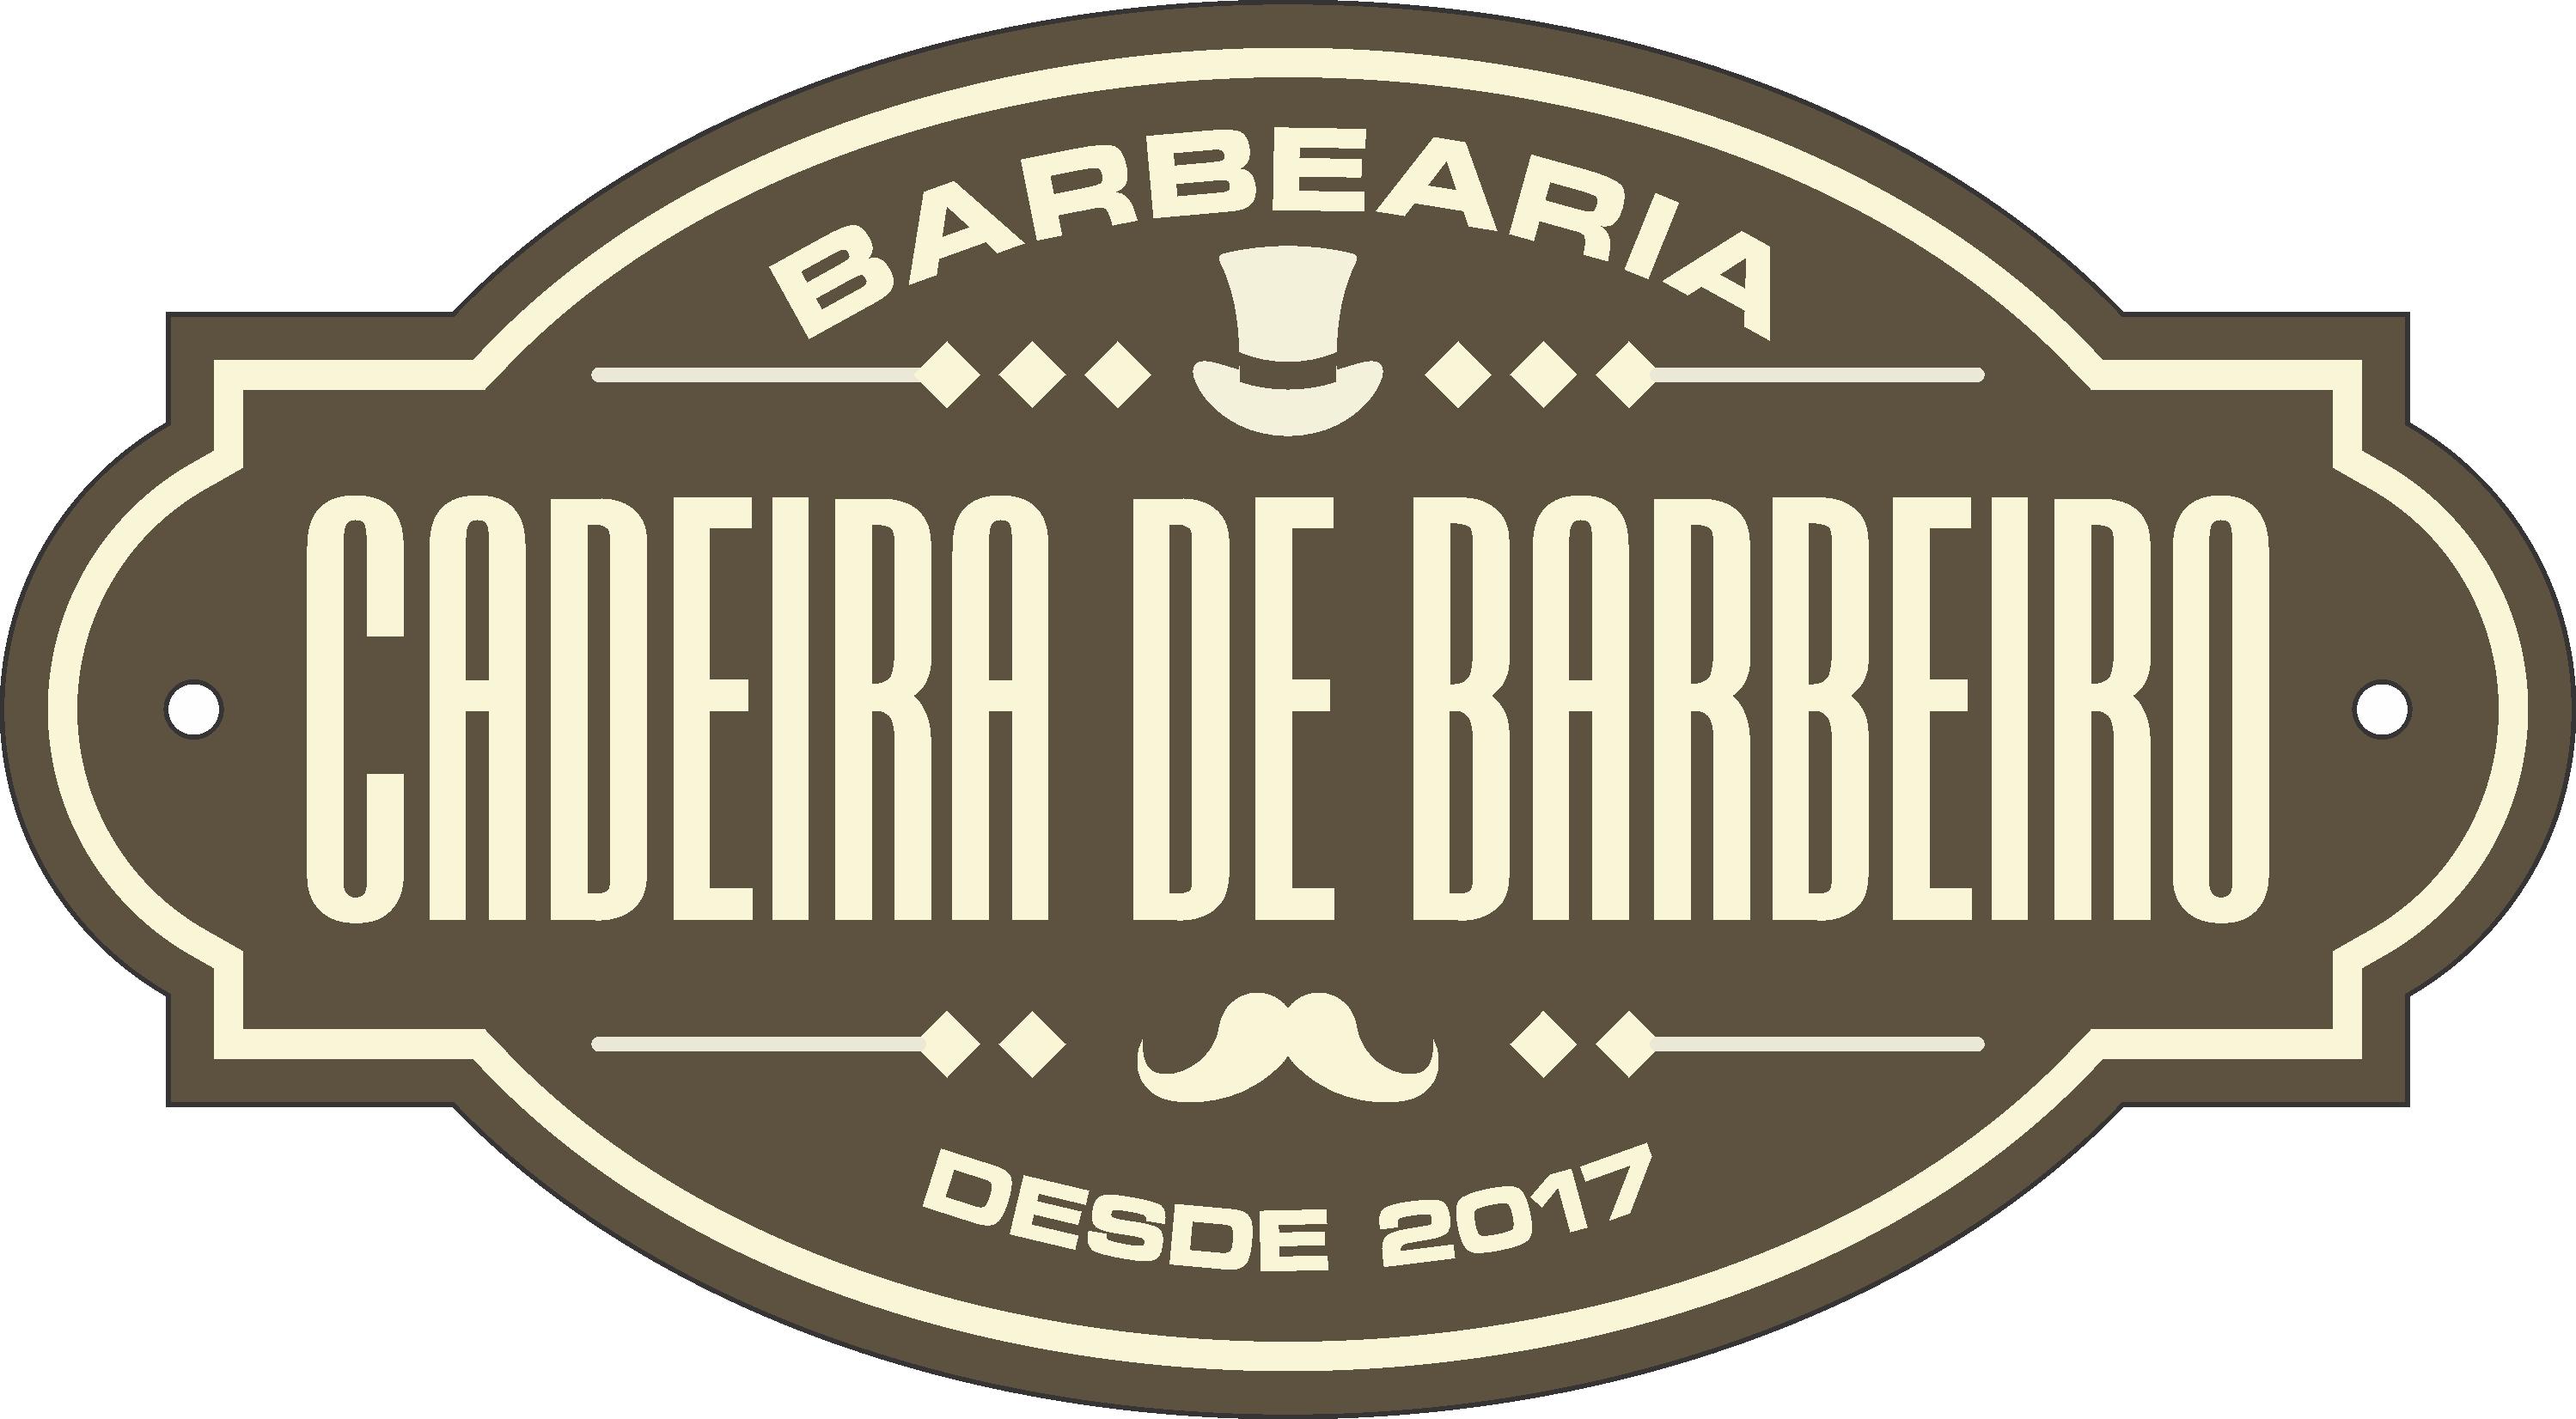 Sua grife de barbearia em Campinas